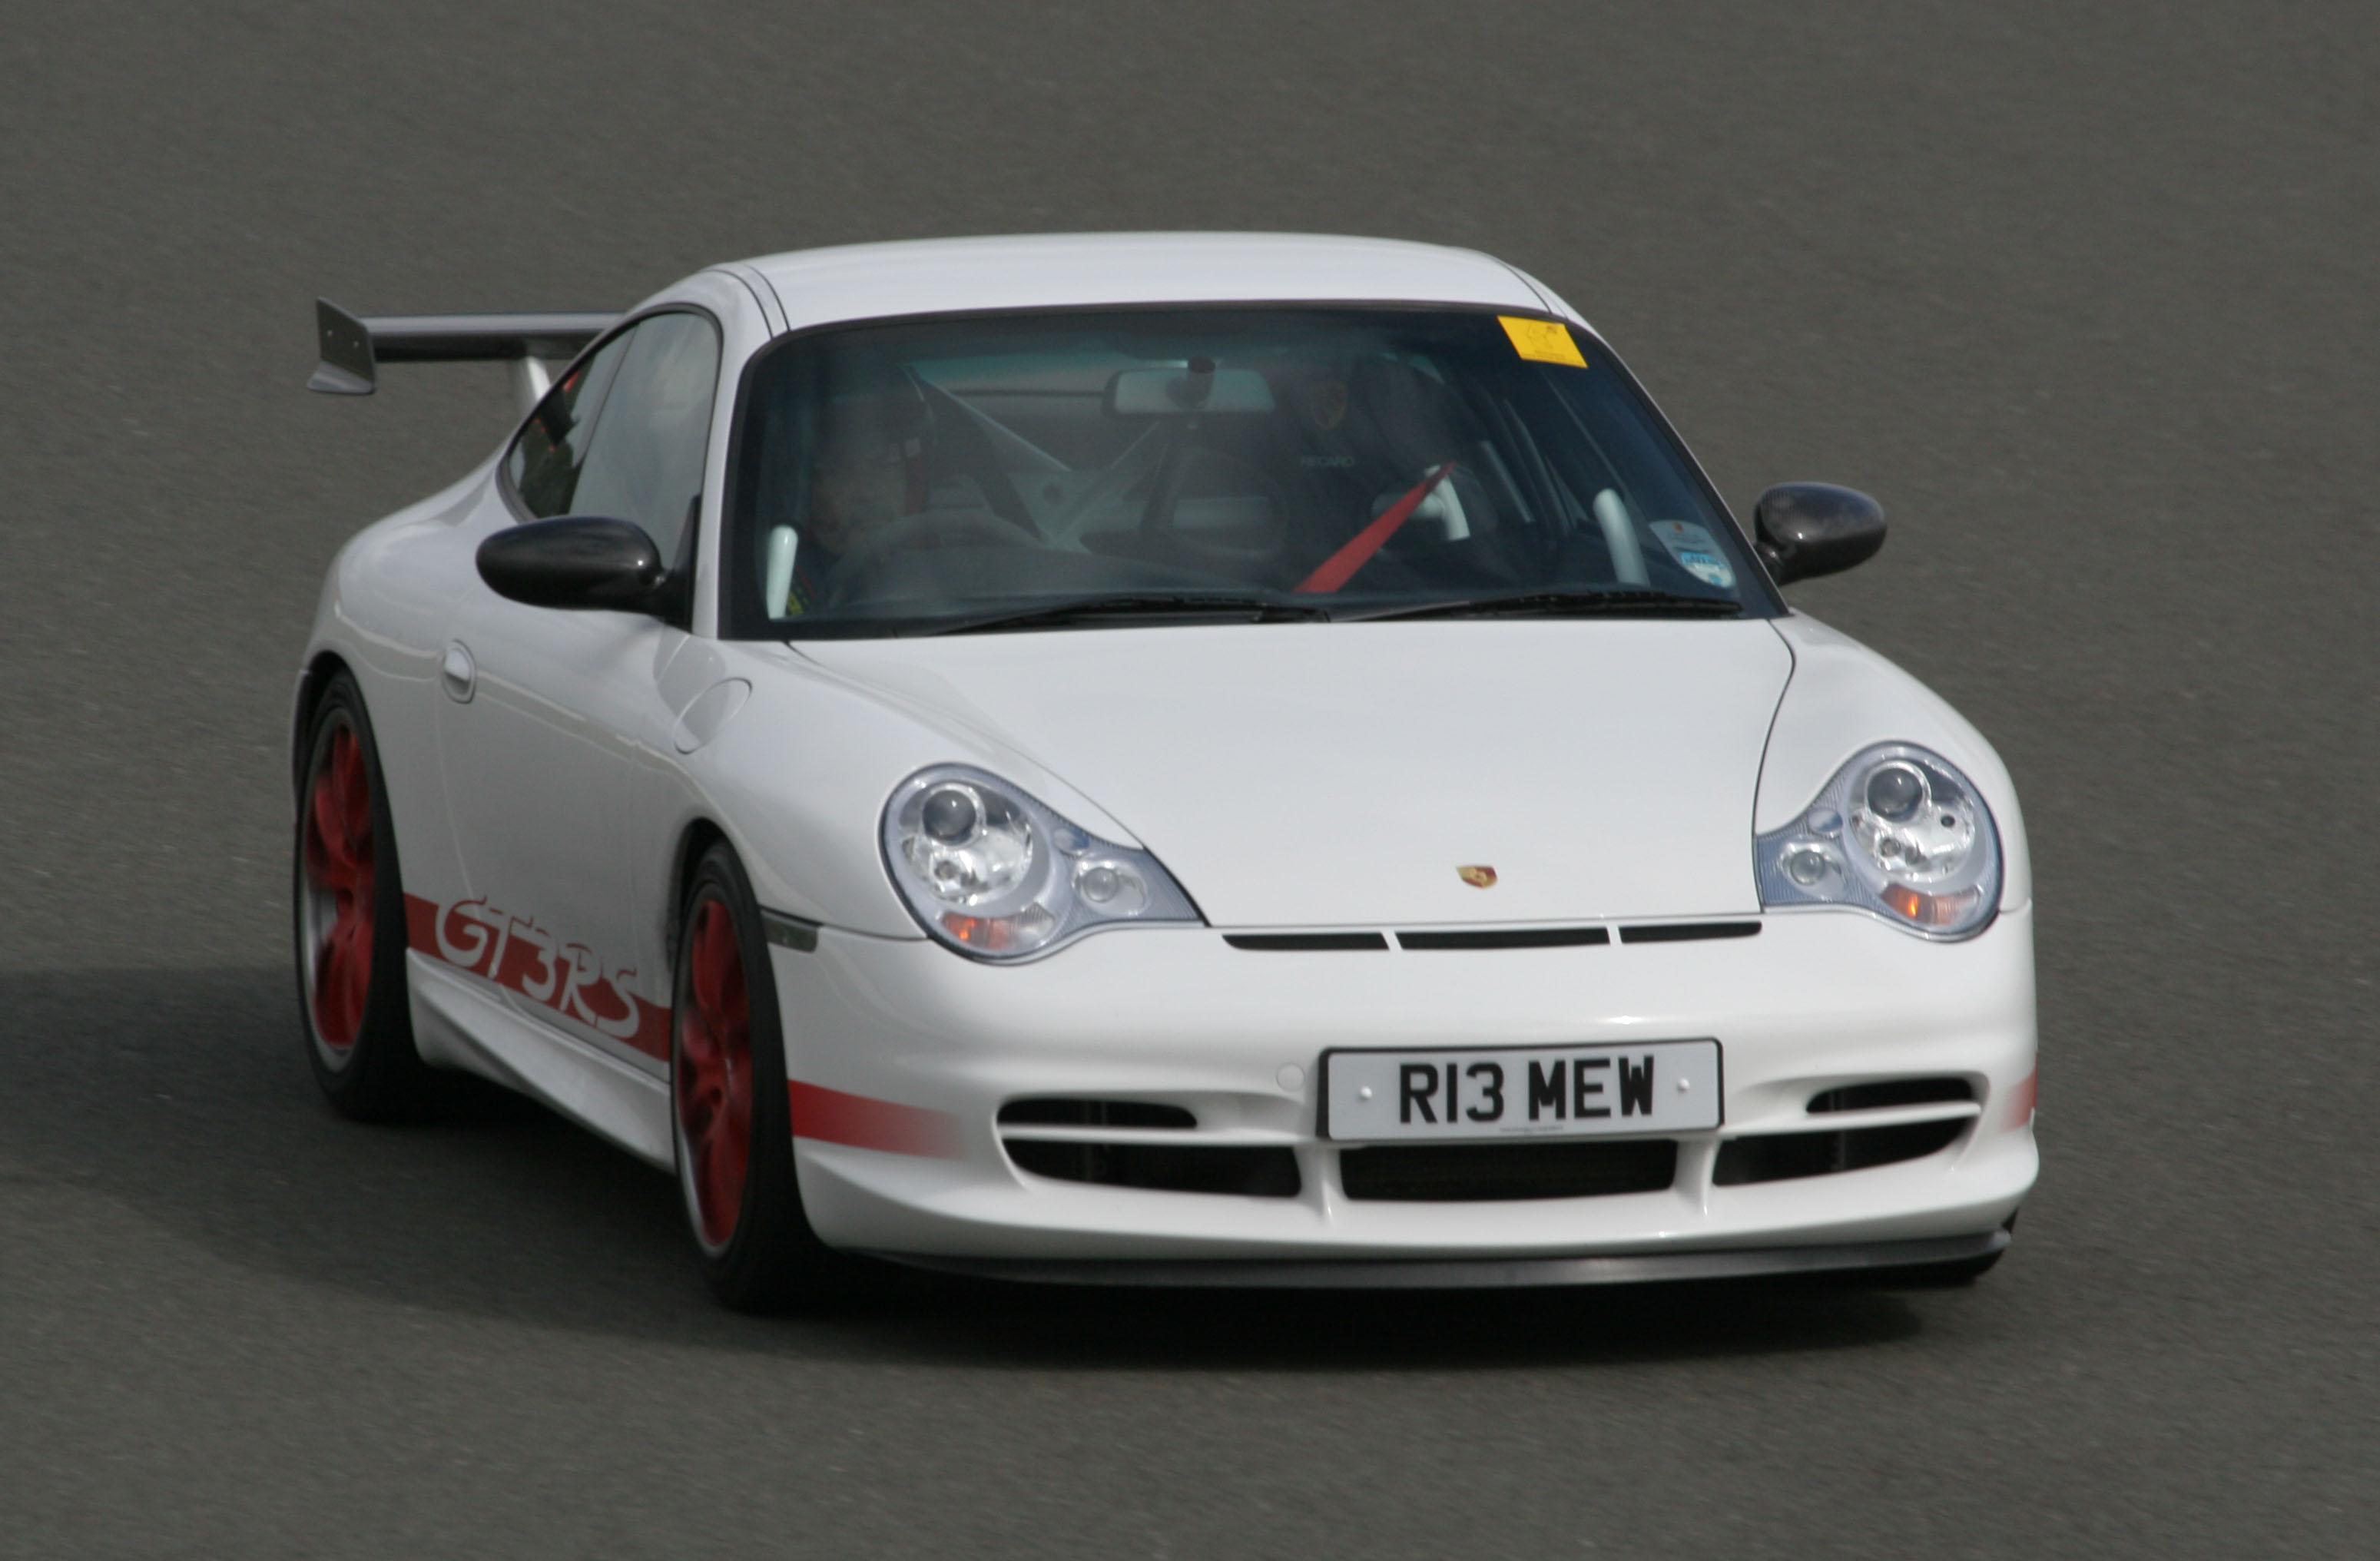 Porsche_996_GT3_RS_(RHD,_R13_MEW)_Silverstone_track_day_2008